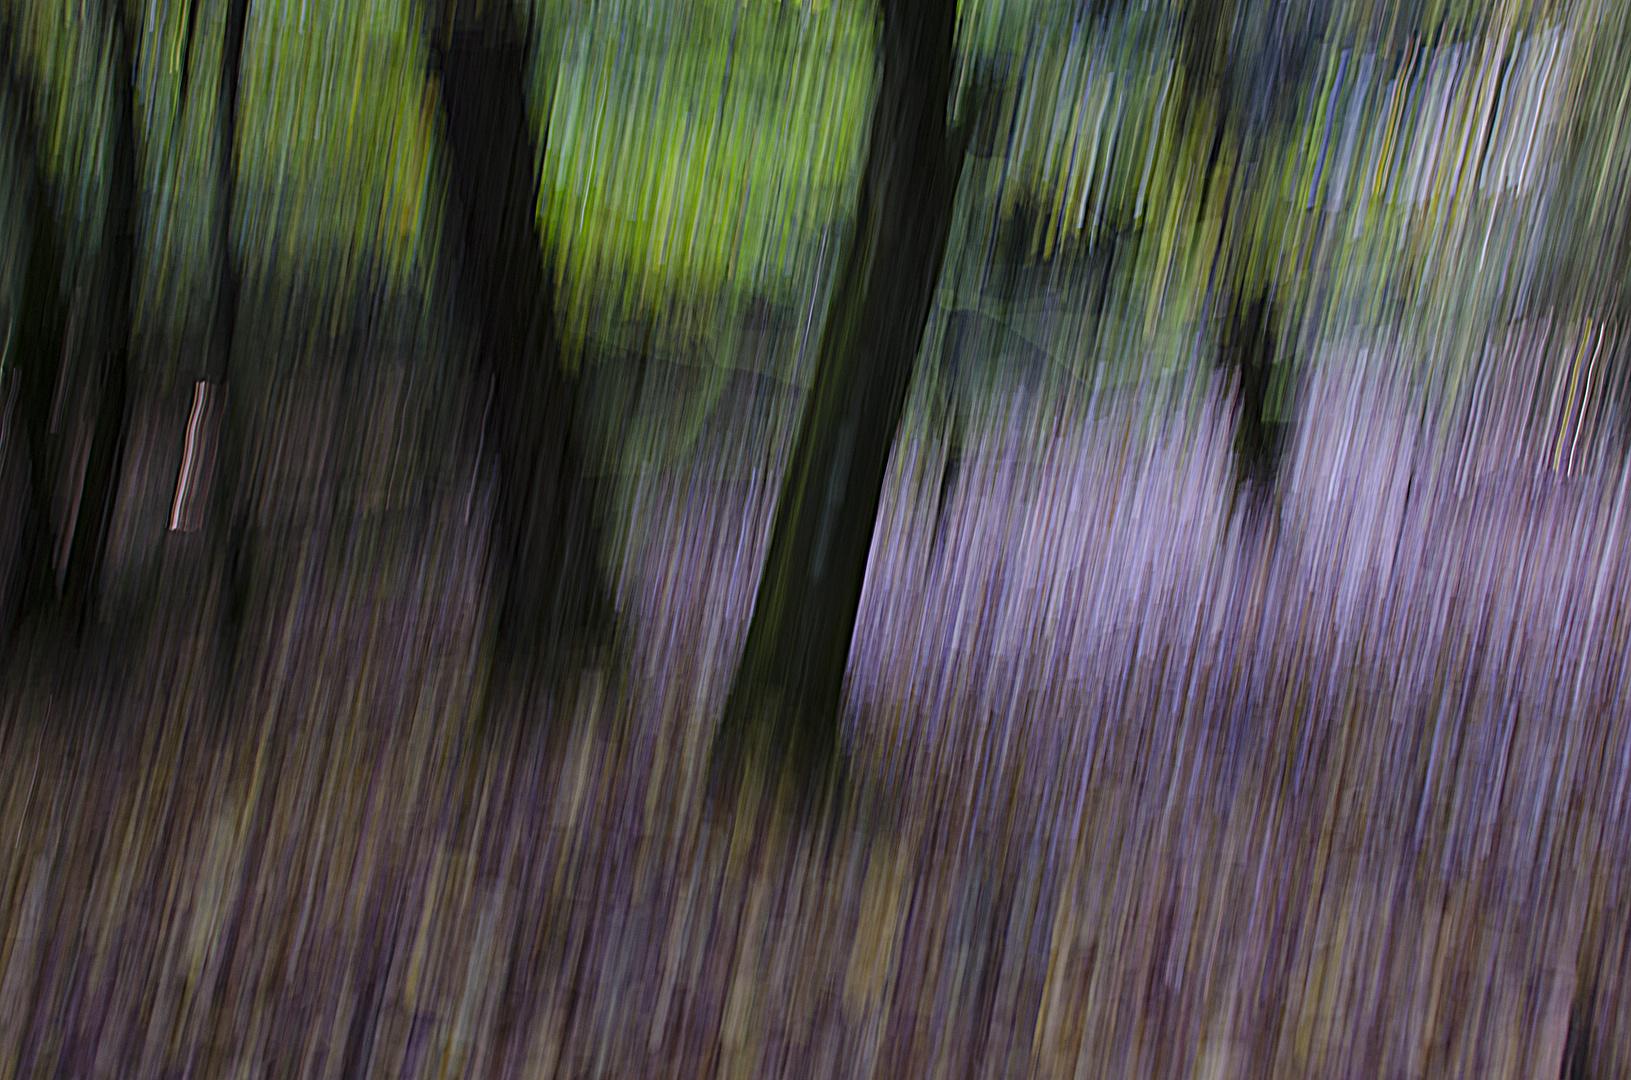 Dillinger Wald